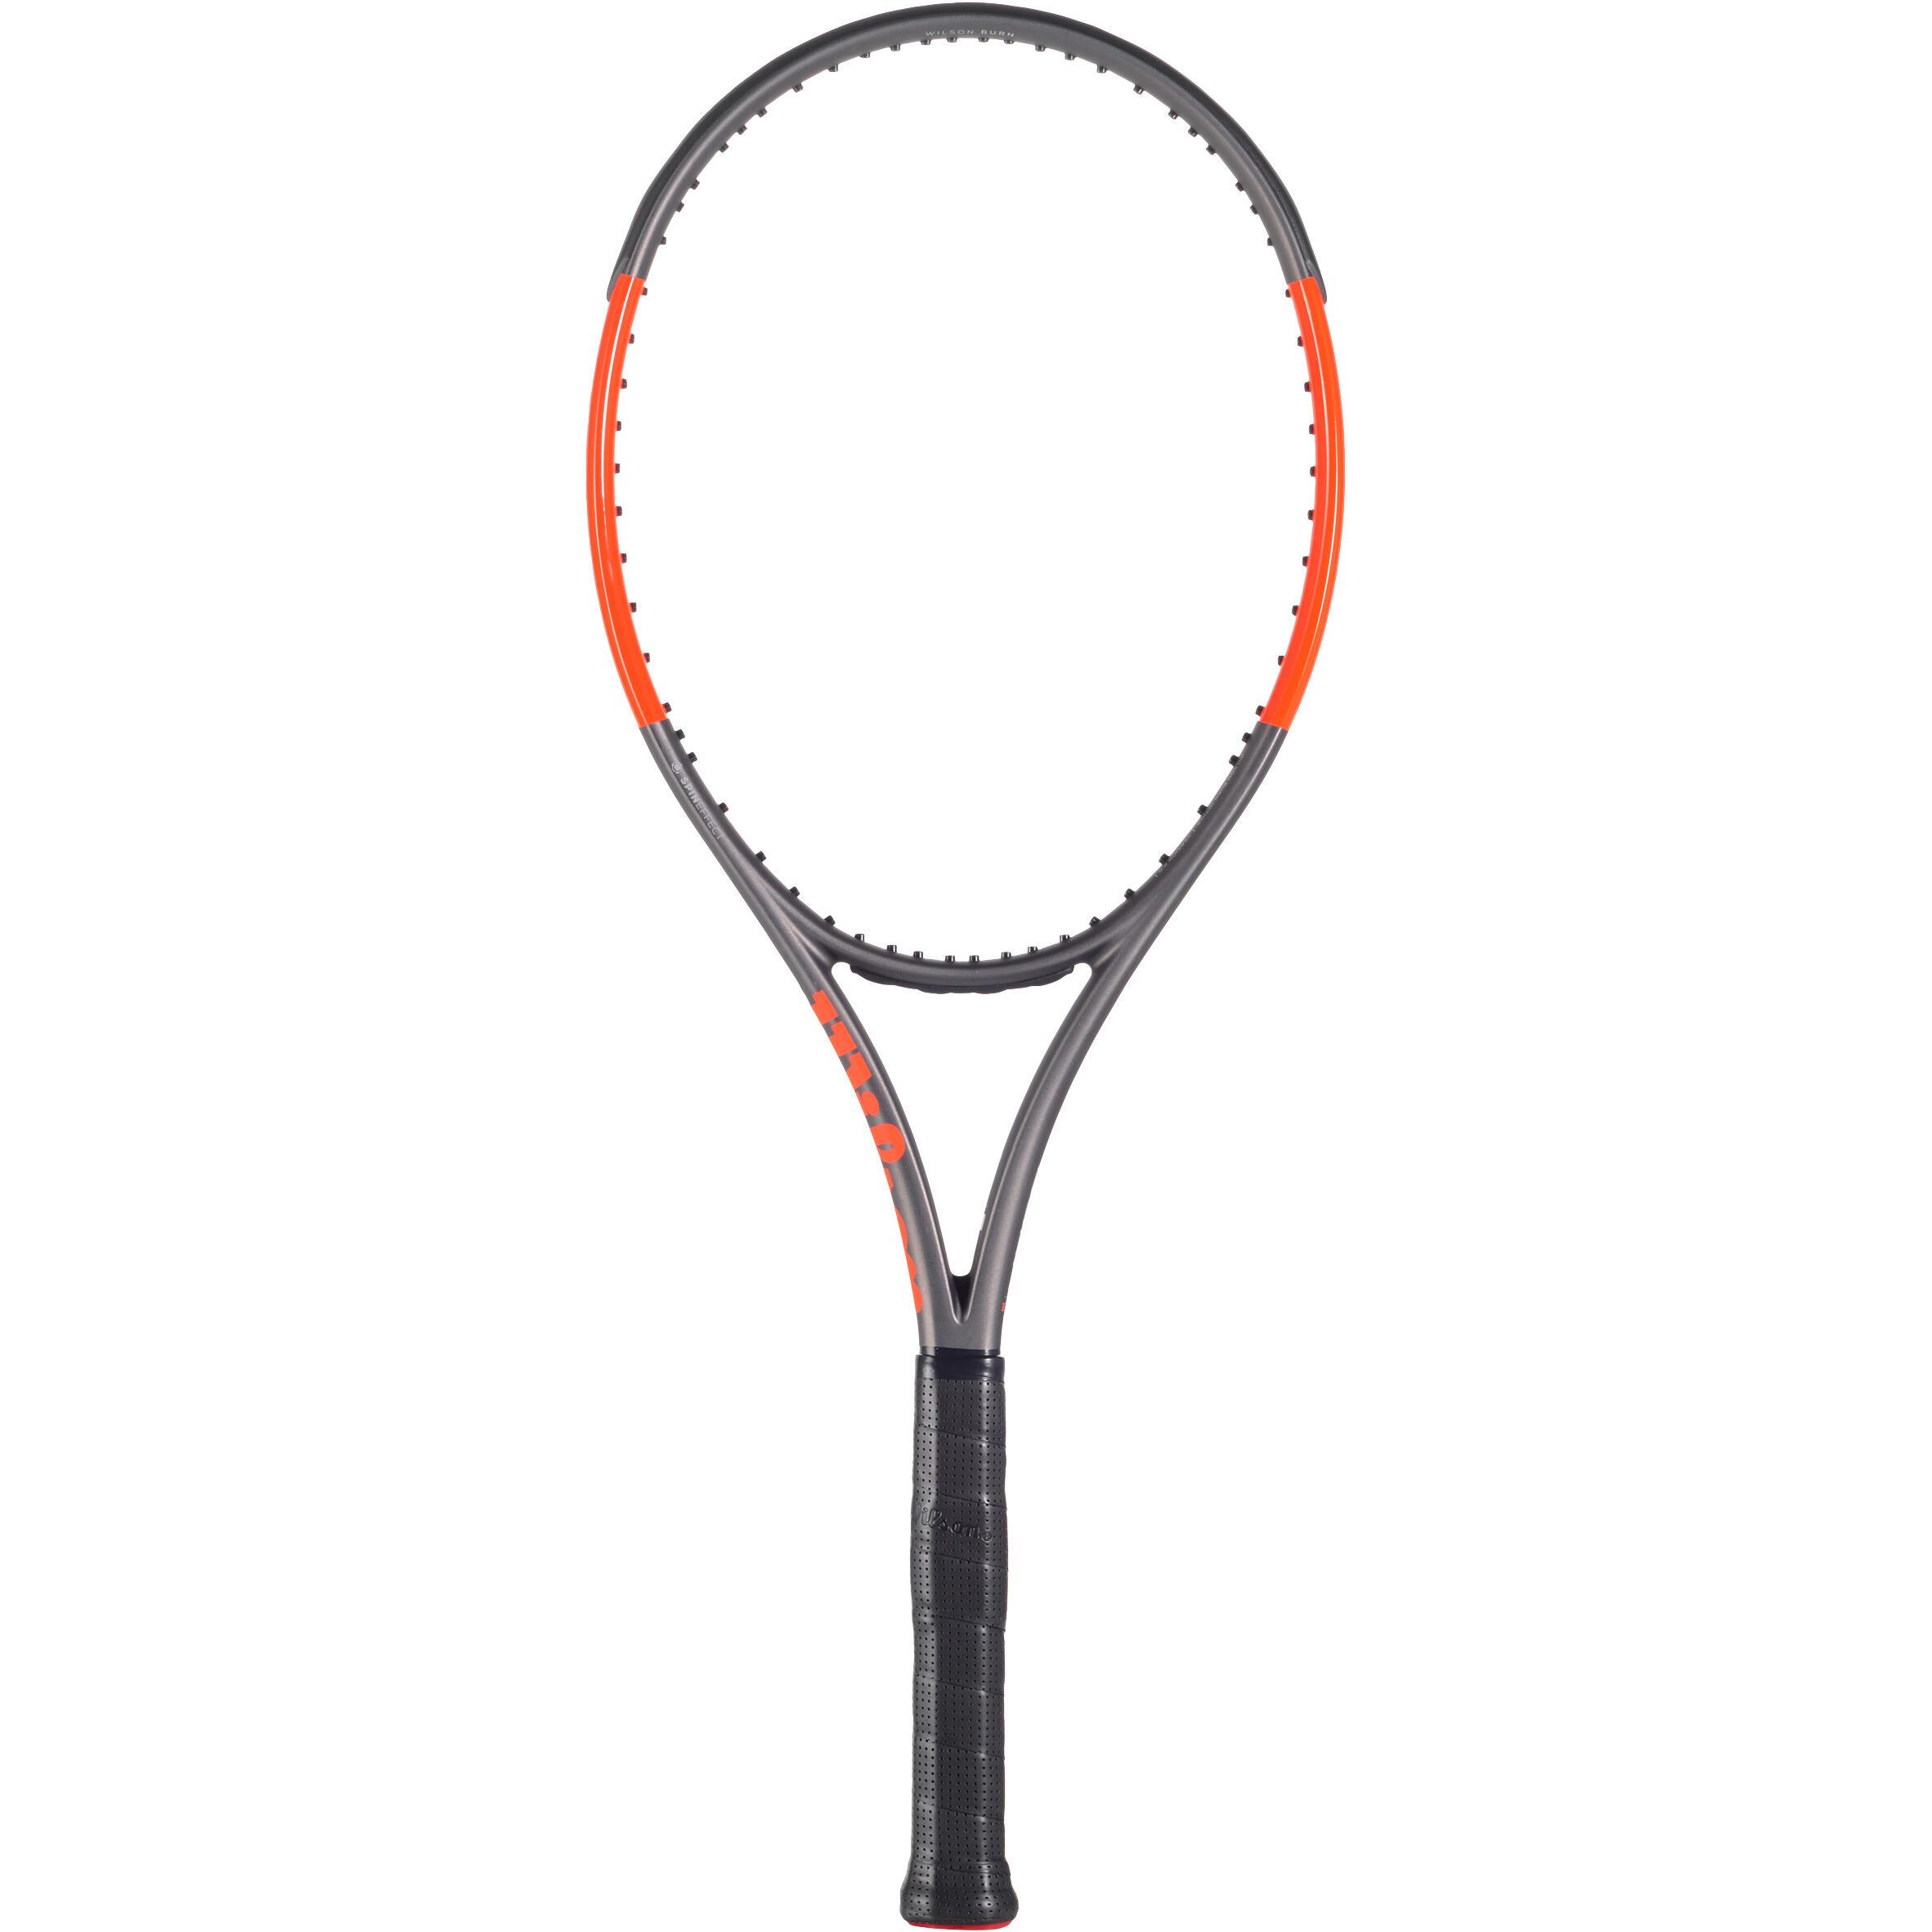 Wilson Tennisracket Wilson Burn 100 ULS grijs oranje